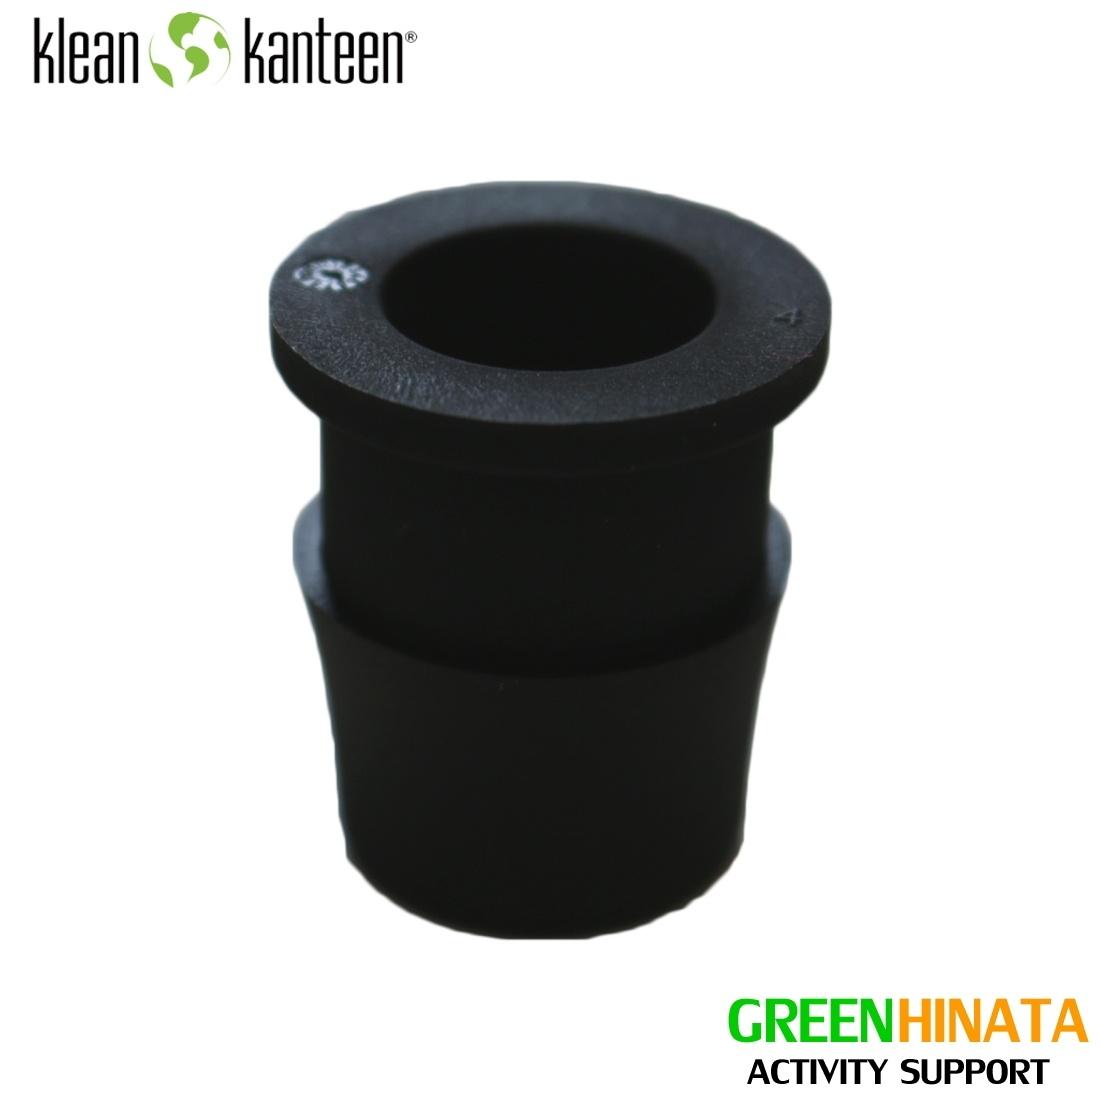 クリーンカンティーン TKワイド チャグキャップ 注ぎ口バルク オプションパーツ  国内正規品